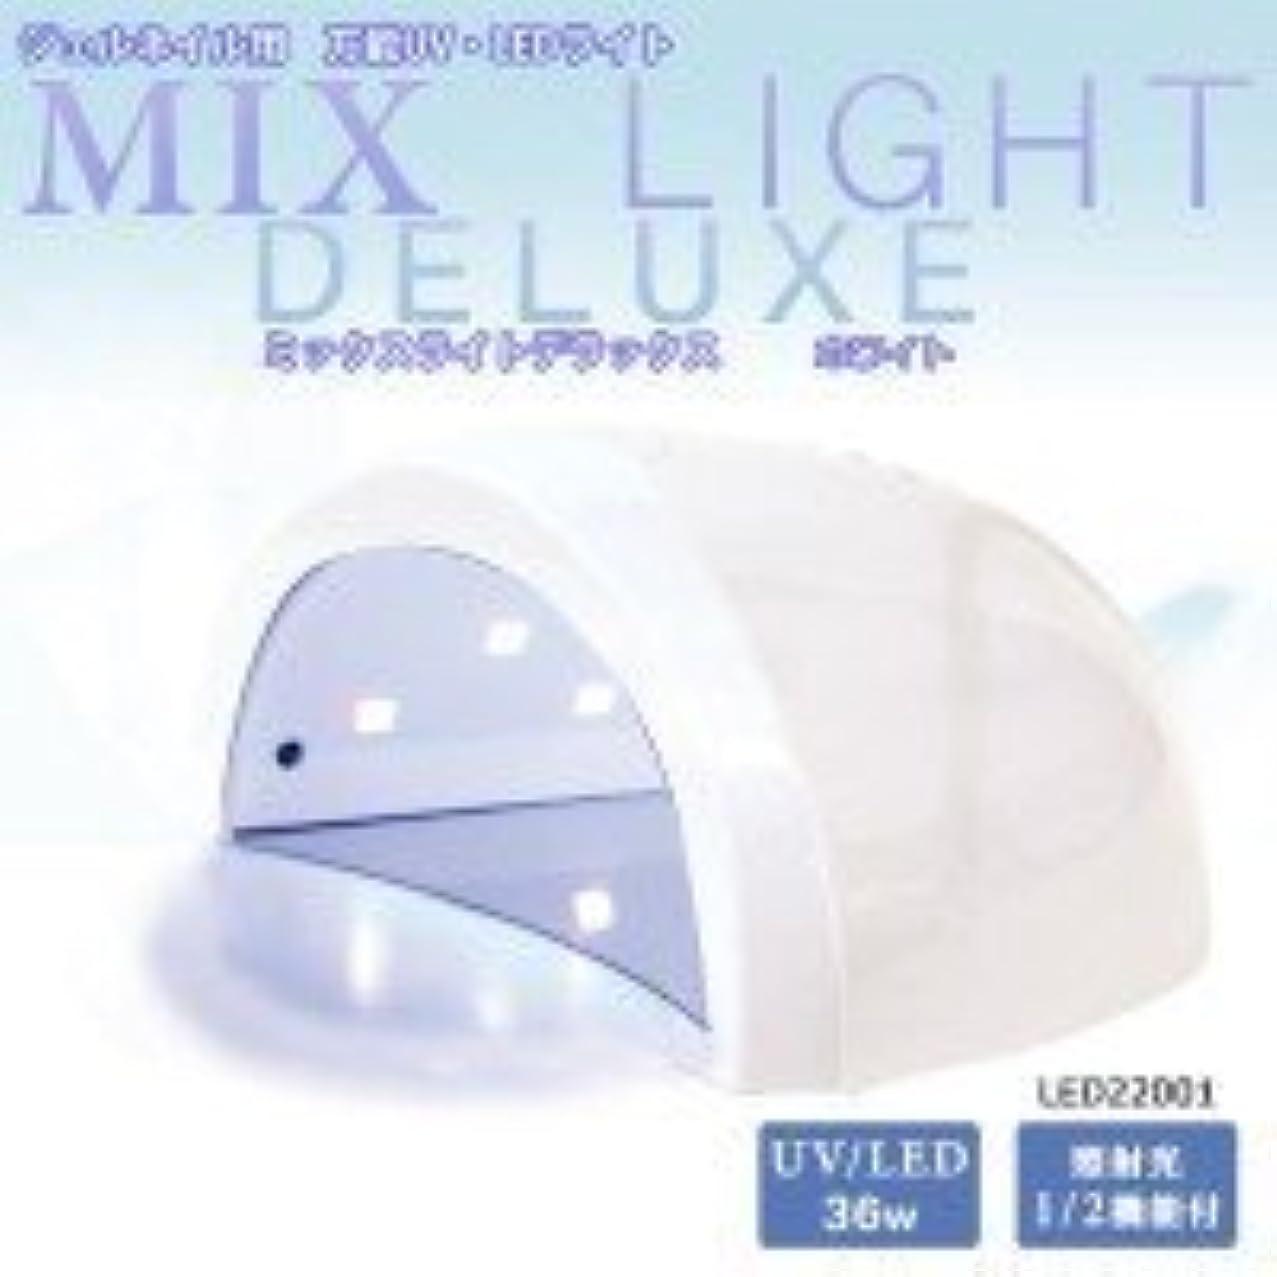 ニュースおしゃれなあたりビューティーワールド ジェルネイル用 万能UV?LEDライト MIX LIGHT DELUXE ミックスライトデラックス  ホワイトLED22001